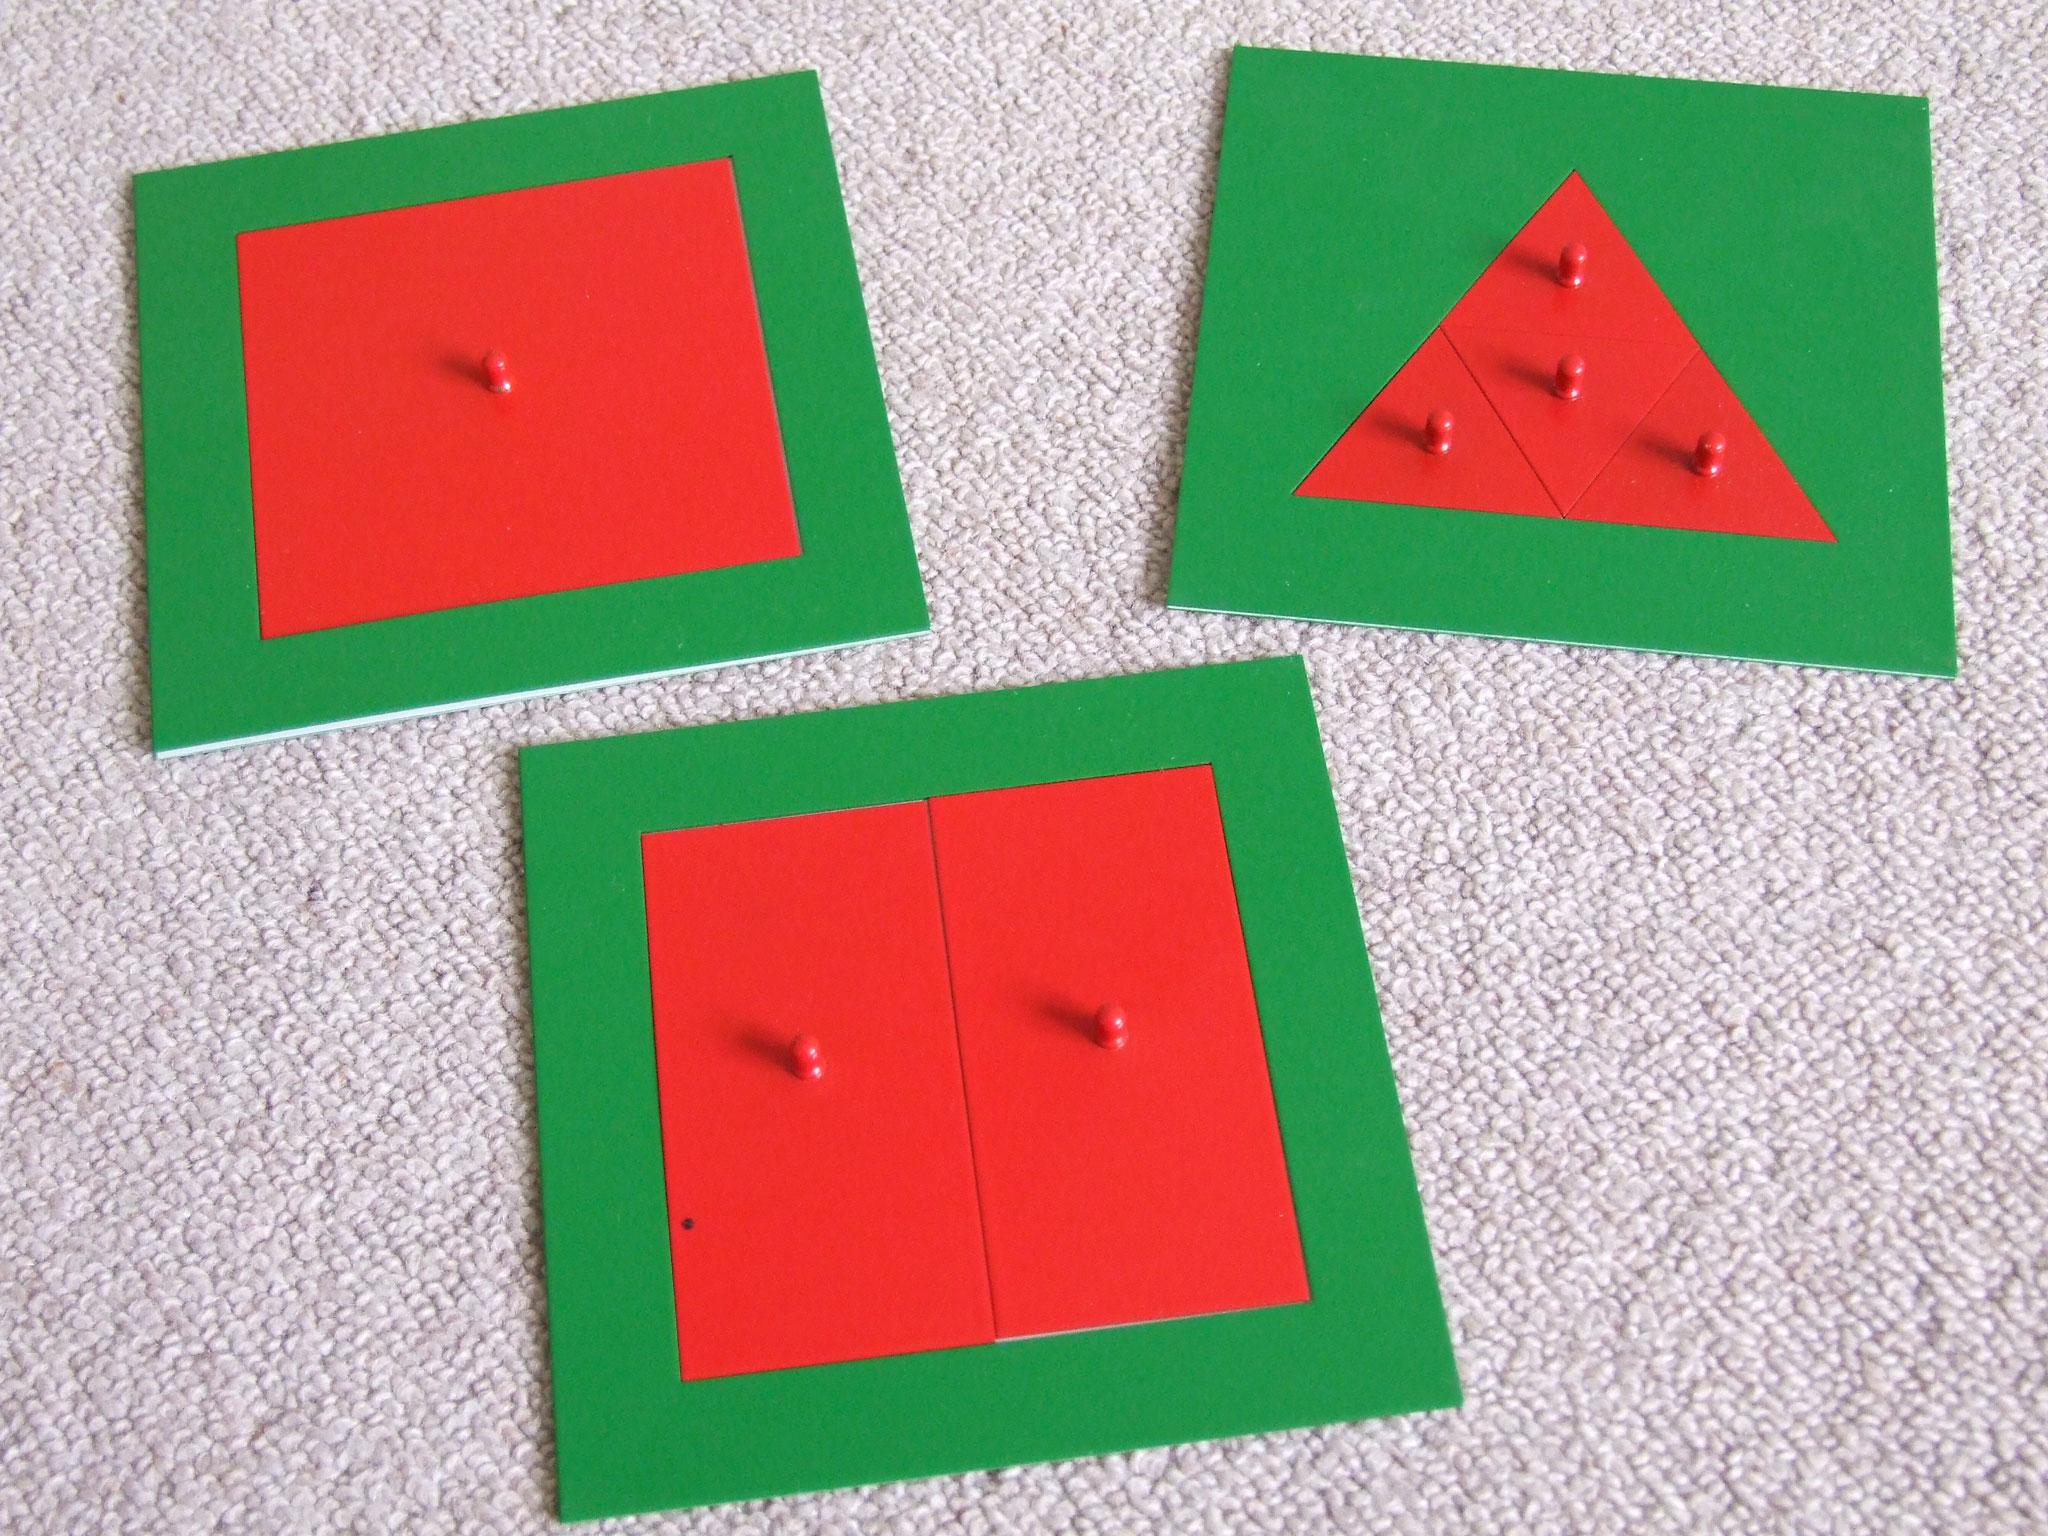 Aufgeteilte Dreiecke und Quadrate aus Metall für erste Erfahrungen in Geometrie